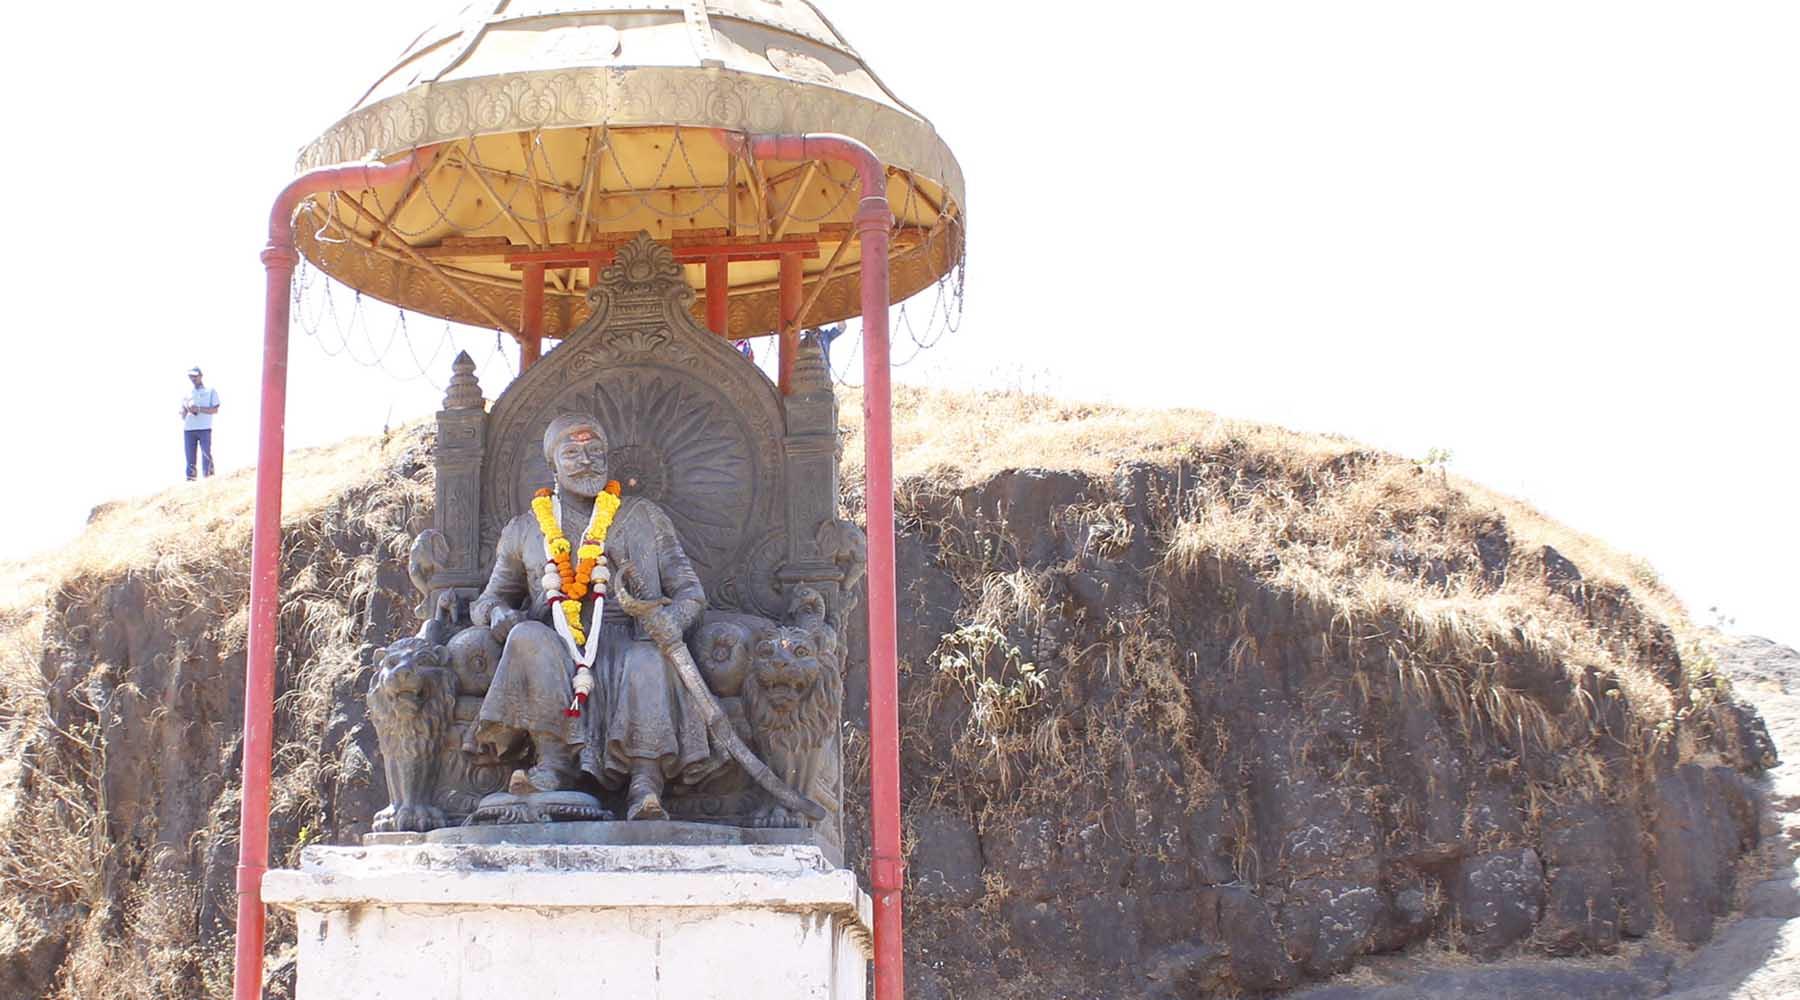 महाराष्ट्राचे आराध्य दैवत! छत्रपती शिवाजी महाराज यांचाबद्दल माहिती निबंध भाषण लेख मराठी मध्ये